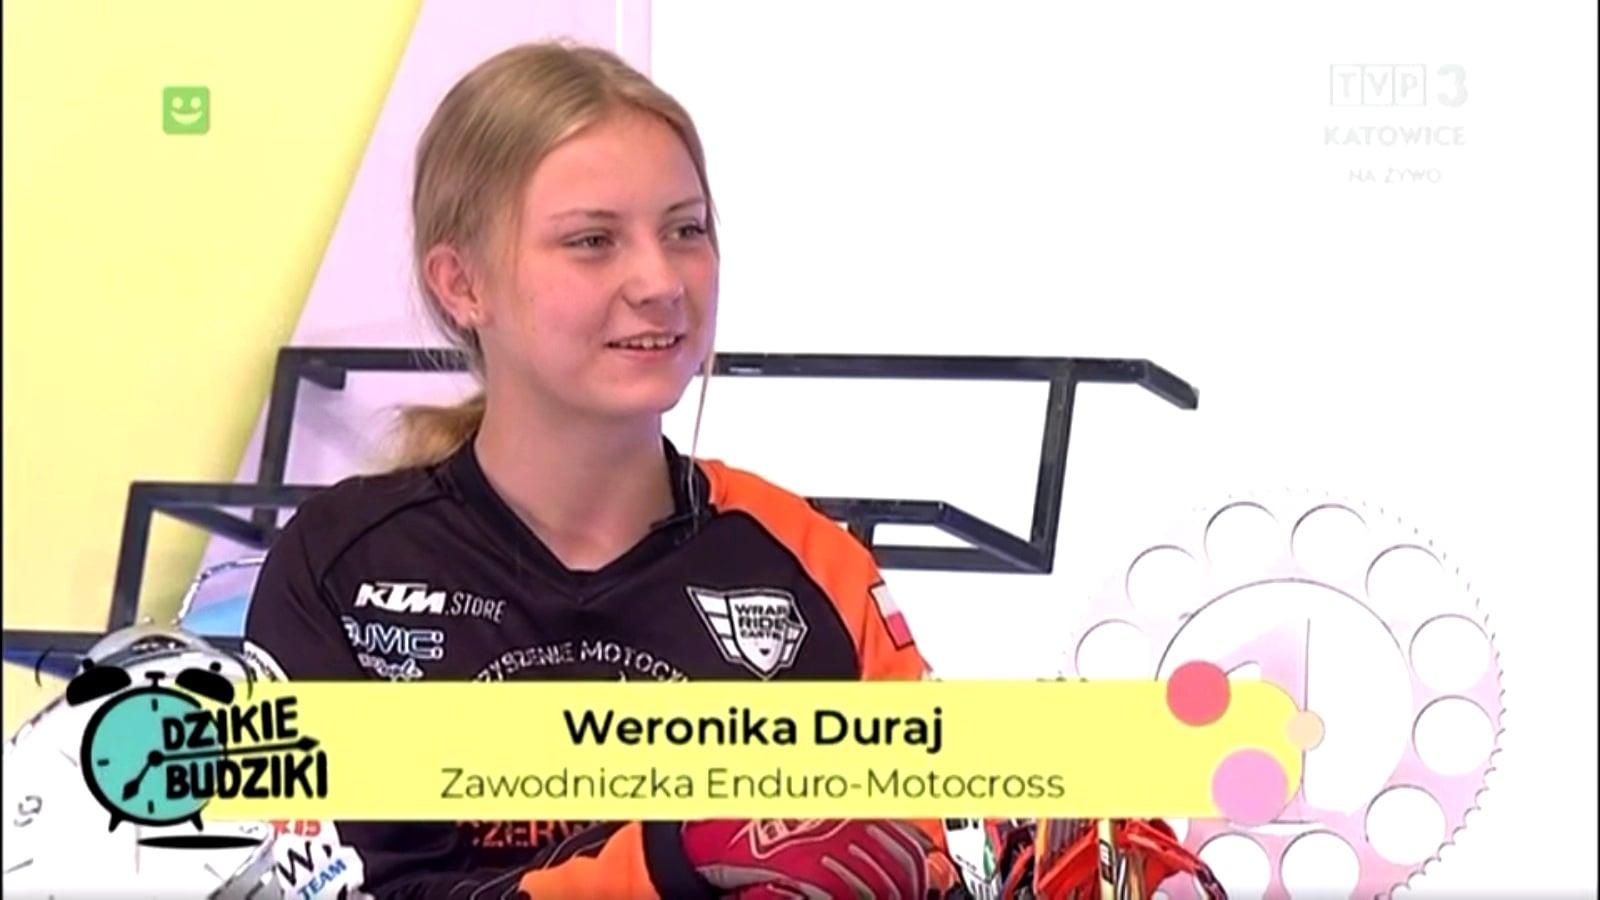 """Weronika Duraj w programie """"Dzikie budziki"""" w TVP Katowice"""